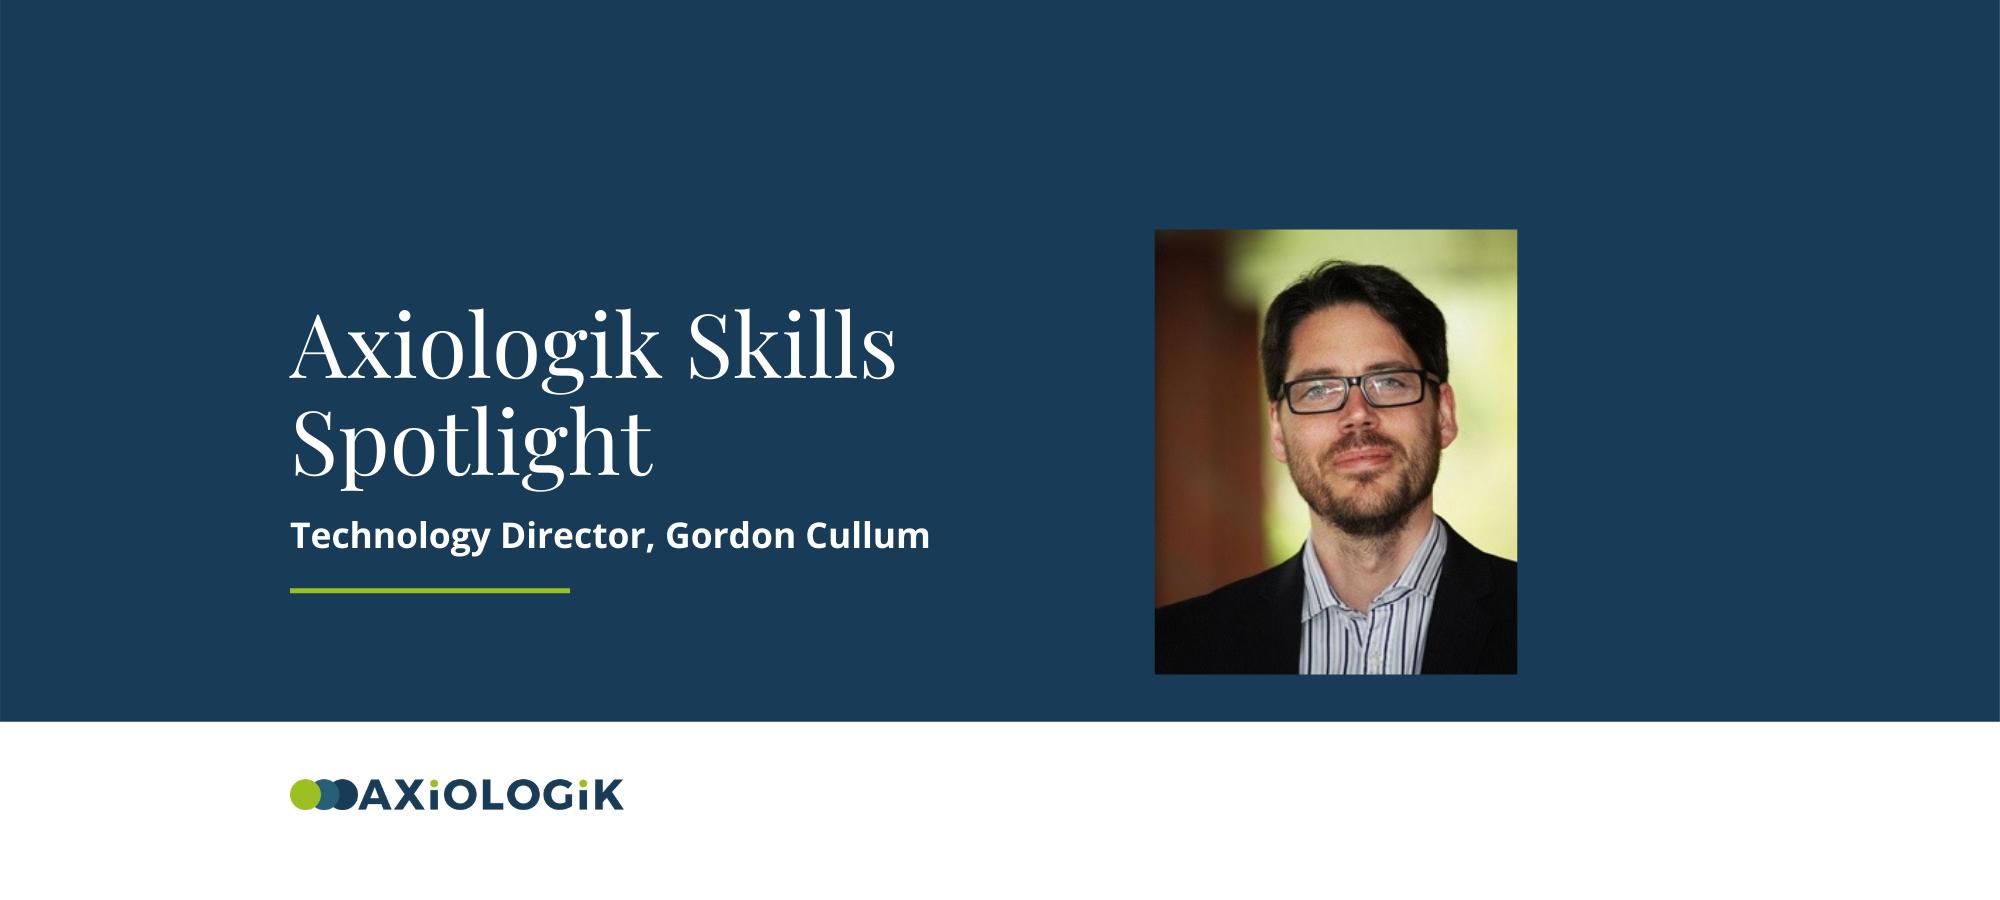 Axiologik Skills Spotlight: Gordon Cullum, Technology Director